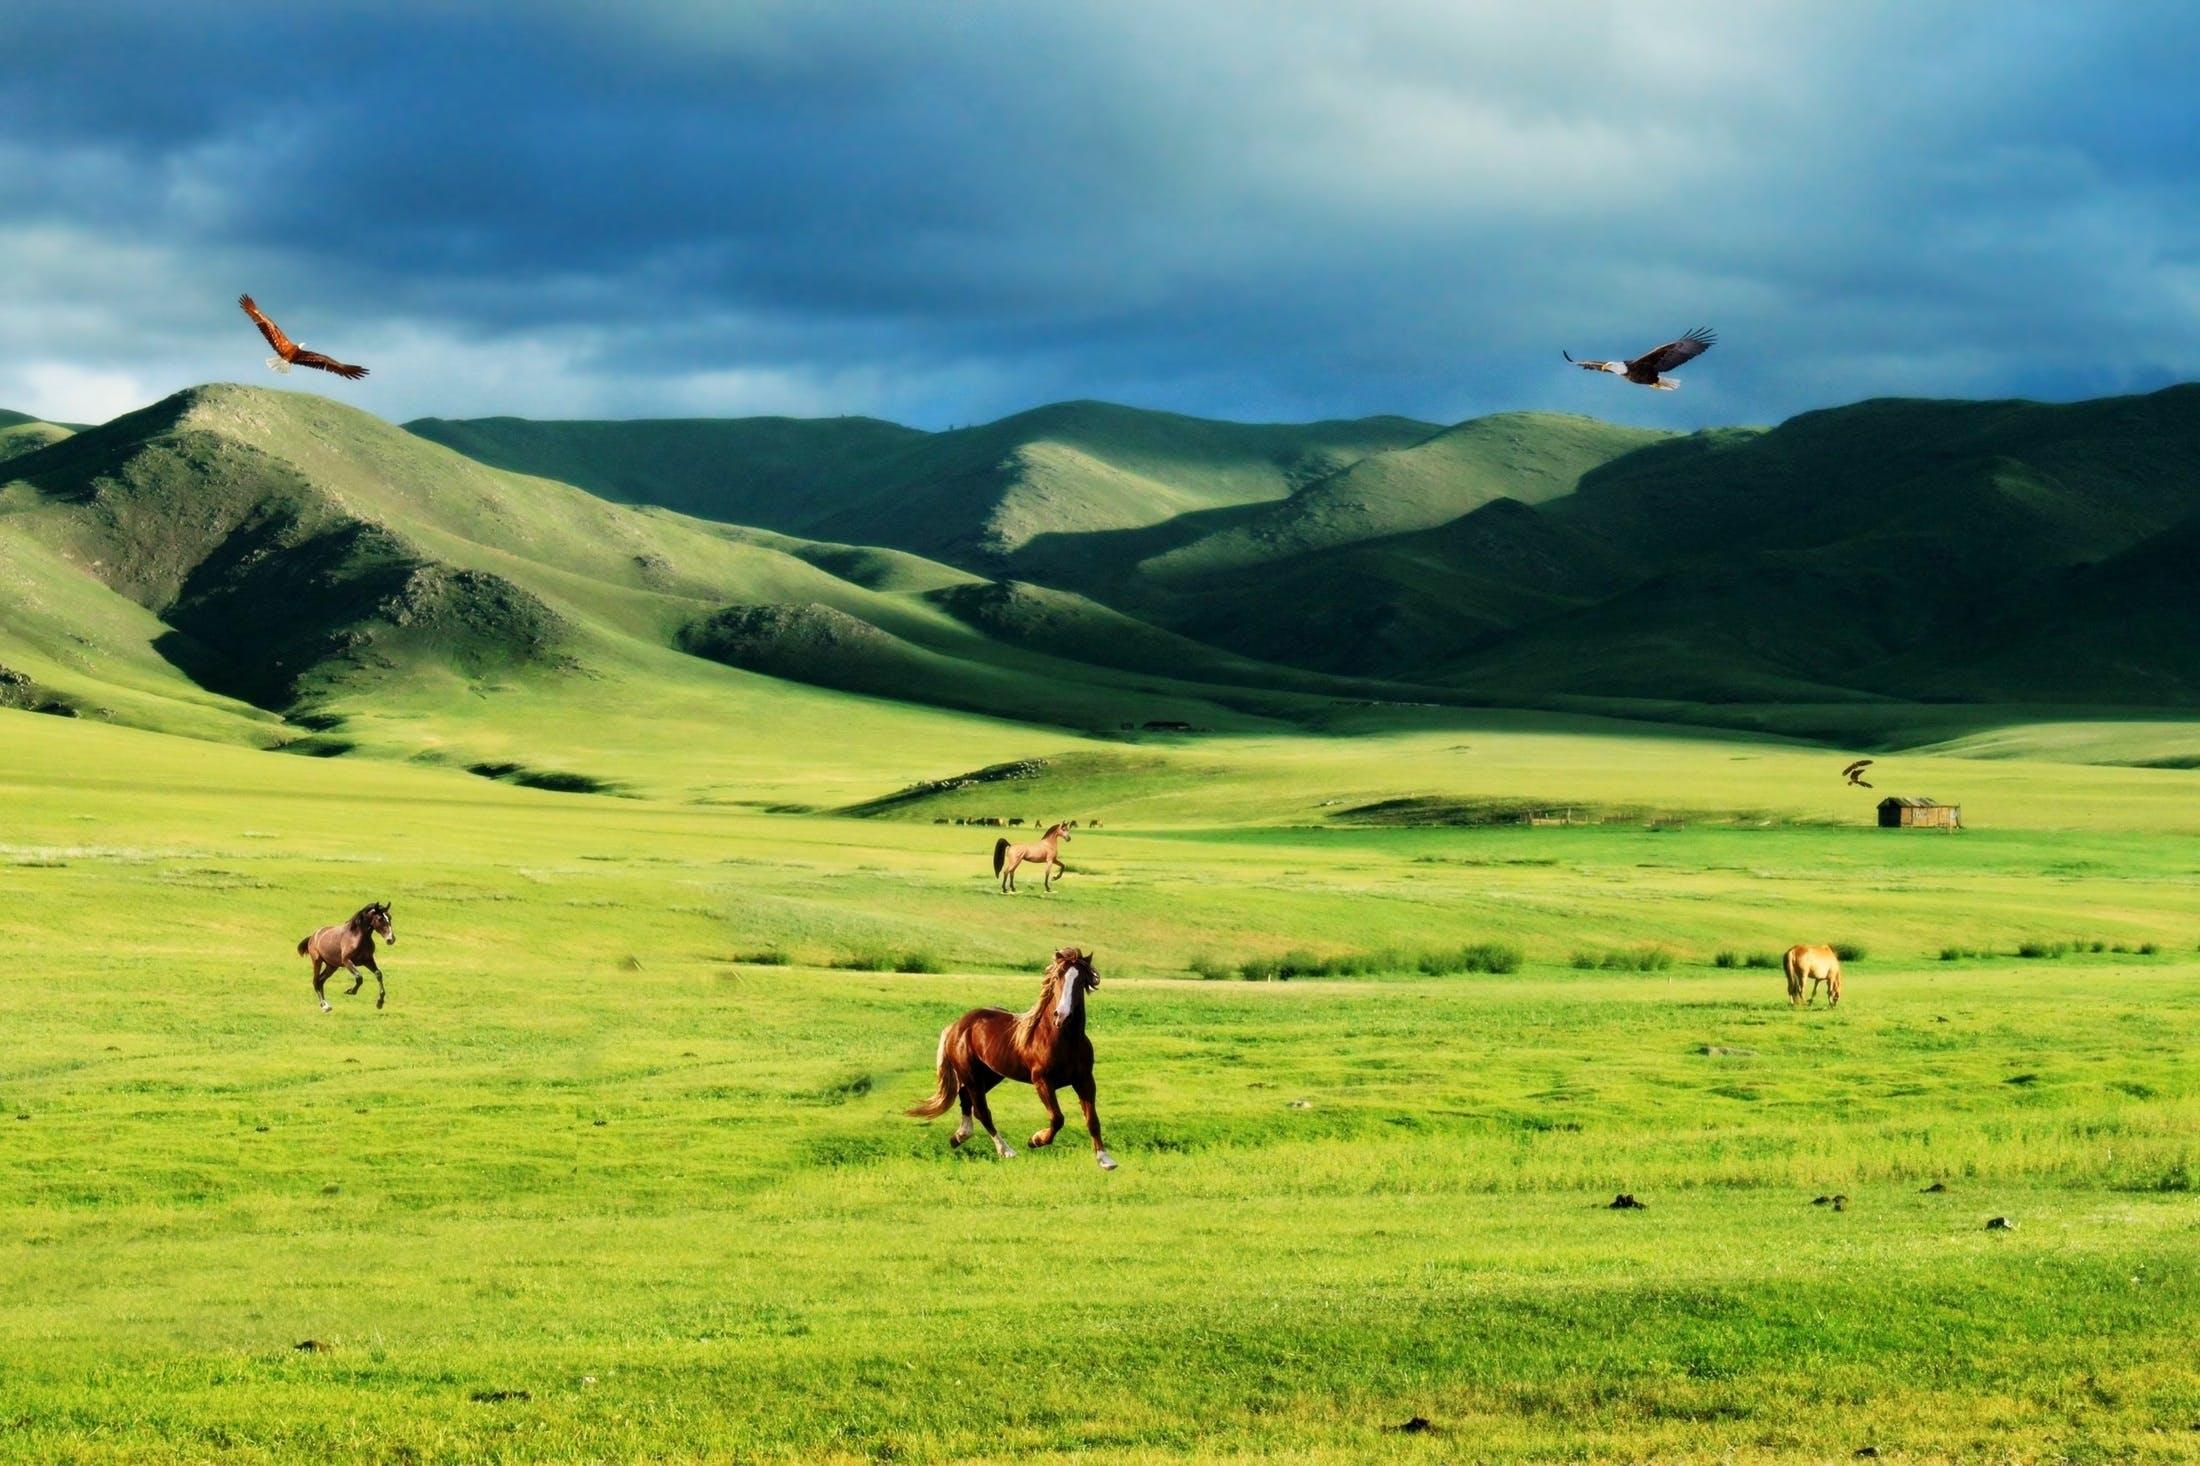 aves, águias, cavalos